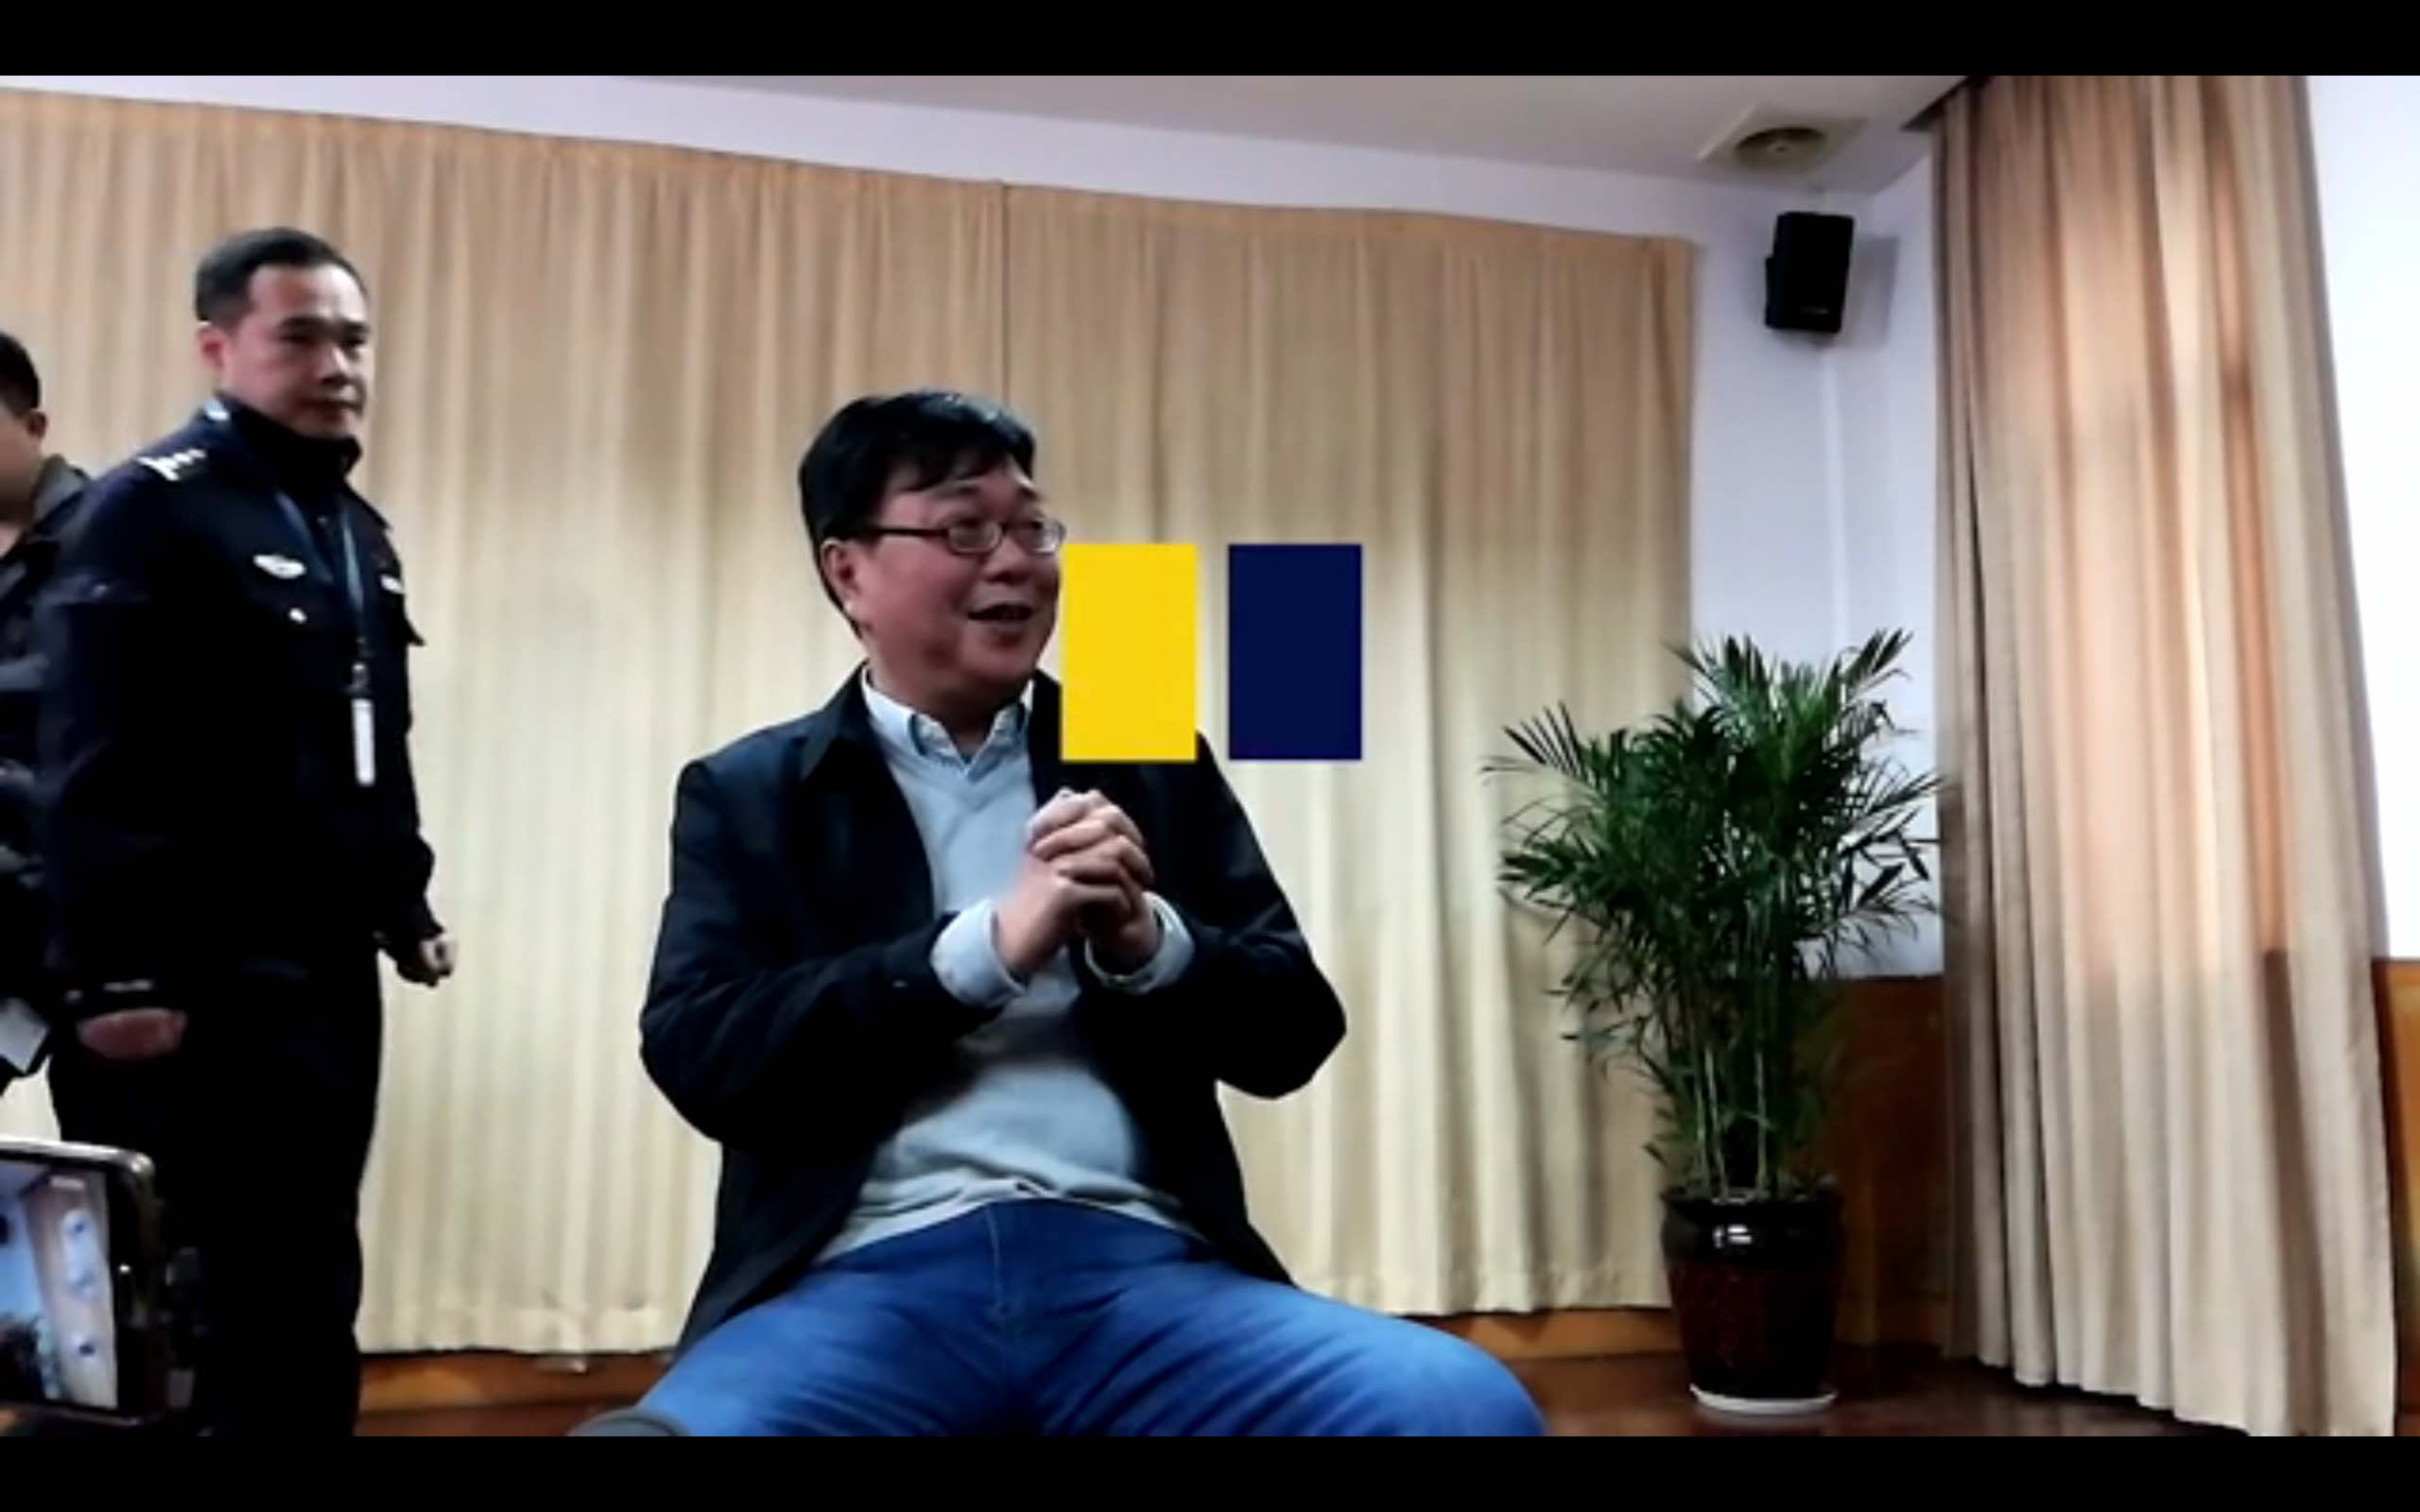 美国之音 | 二度被抓,瑞典籍香港书商再认罪